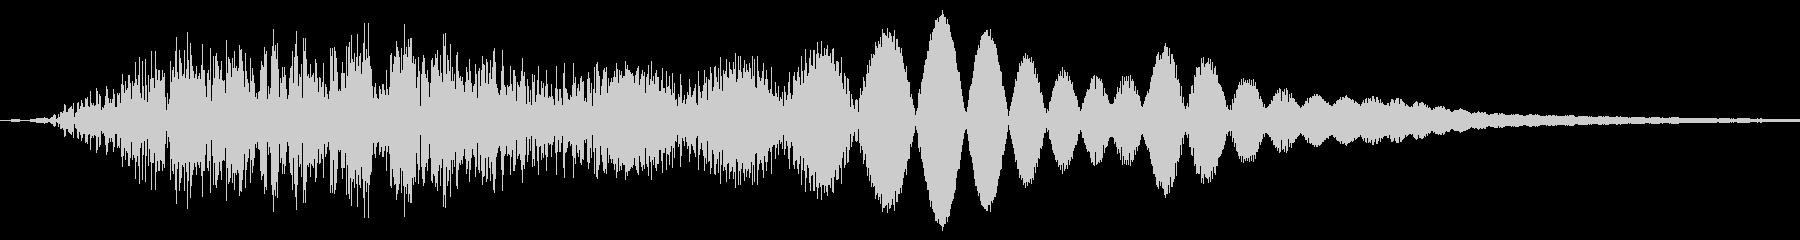 ぴょん/ジャンプ/移動の未再生の波形